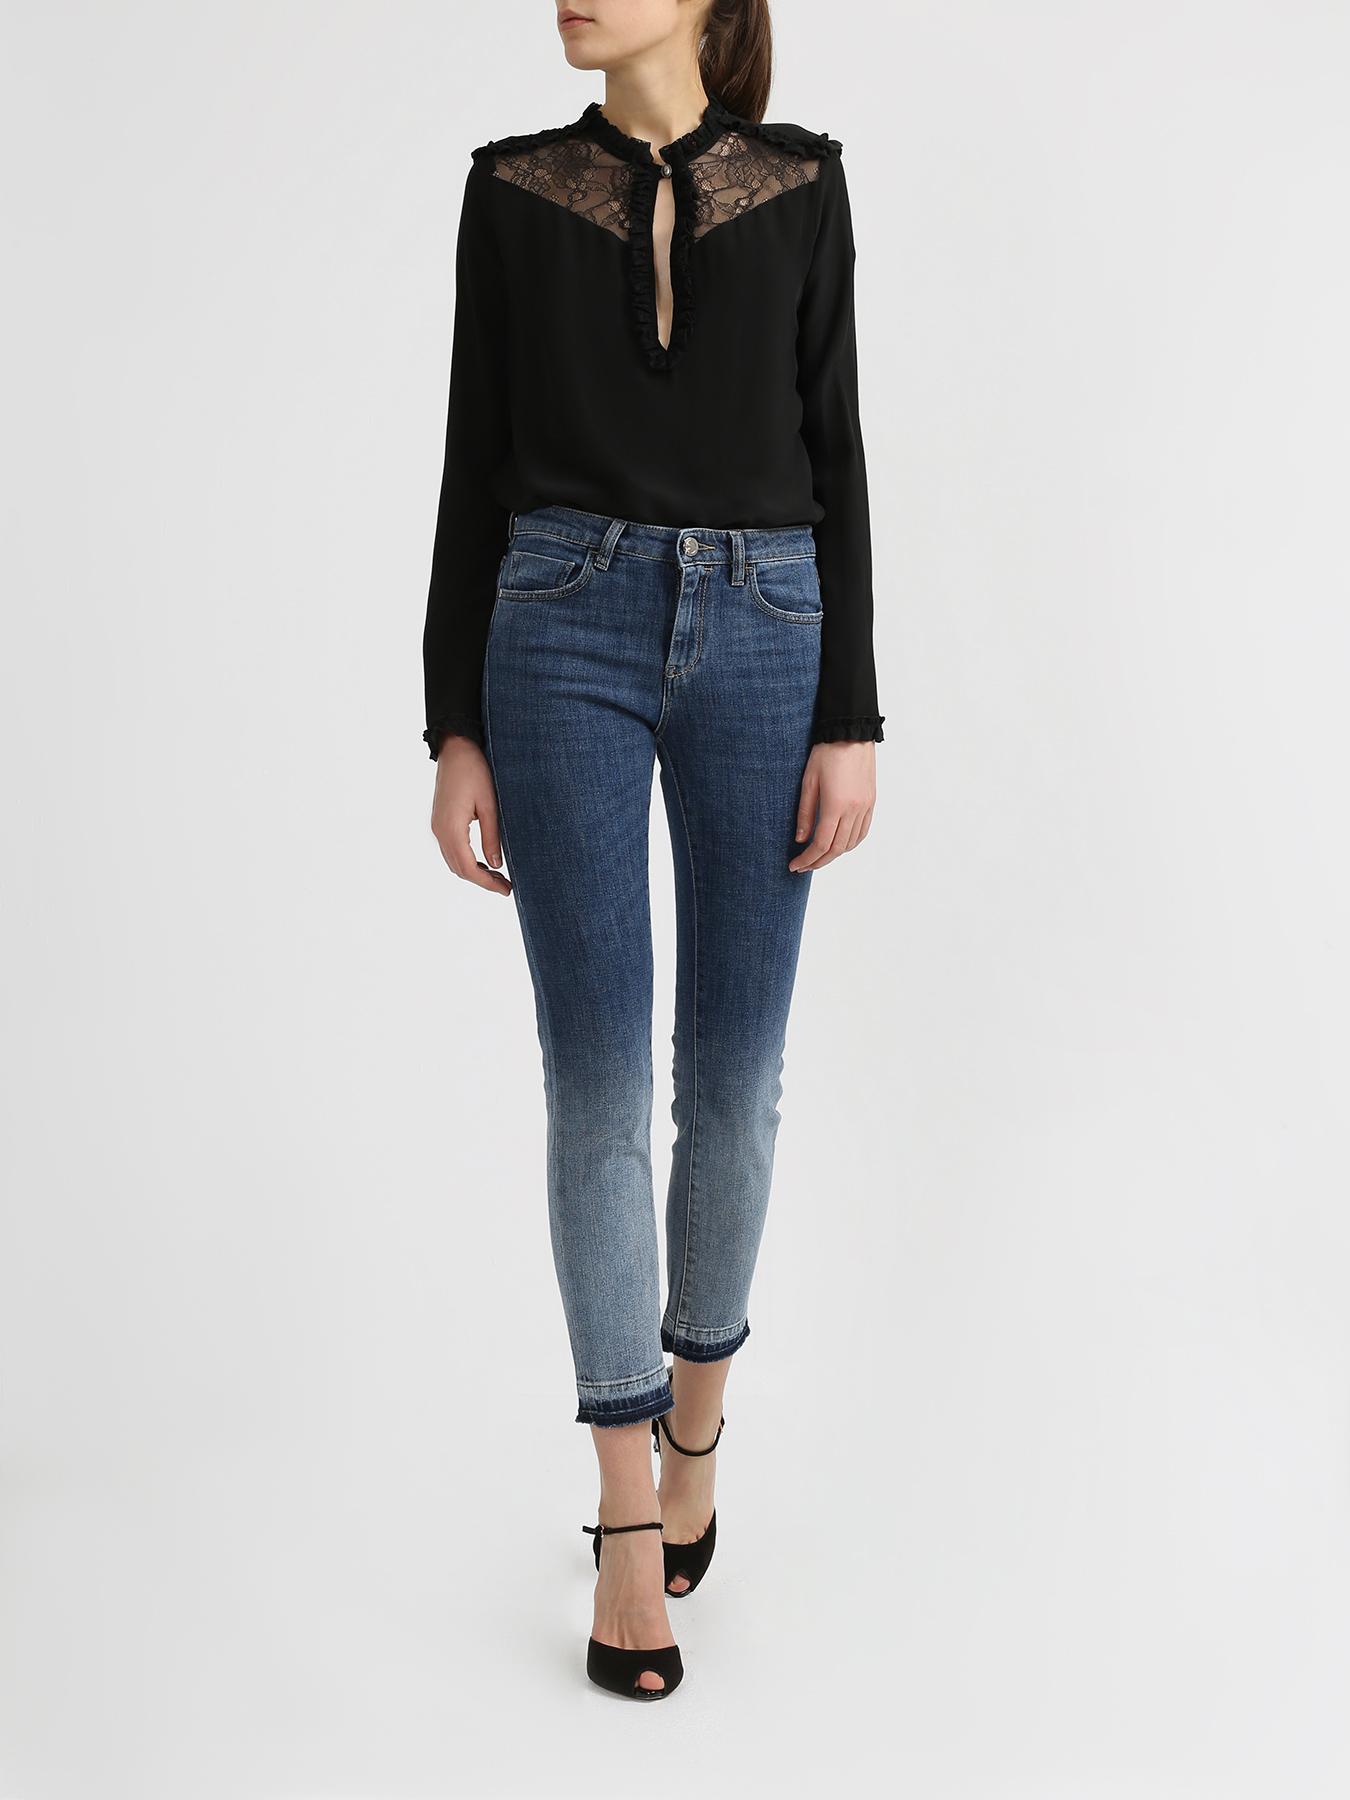 Брюки Pinko Укороченные джинсы джинсы lime укороченные джинсы